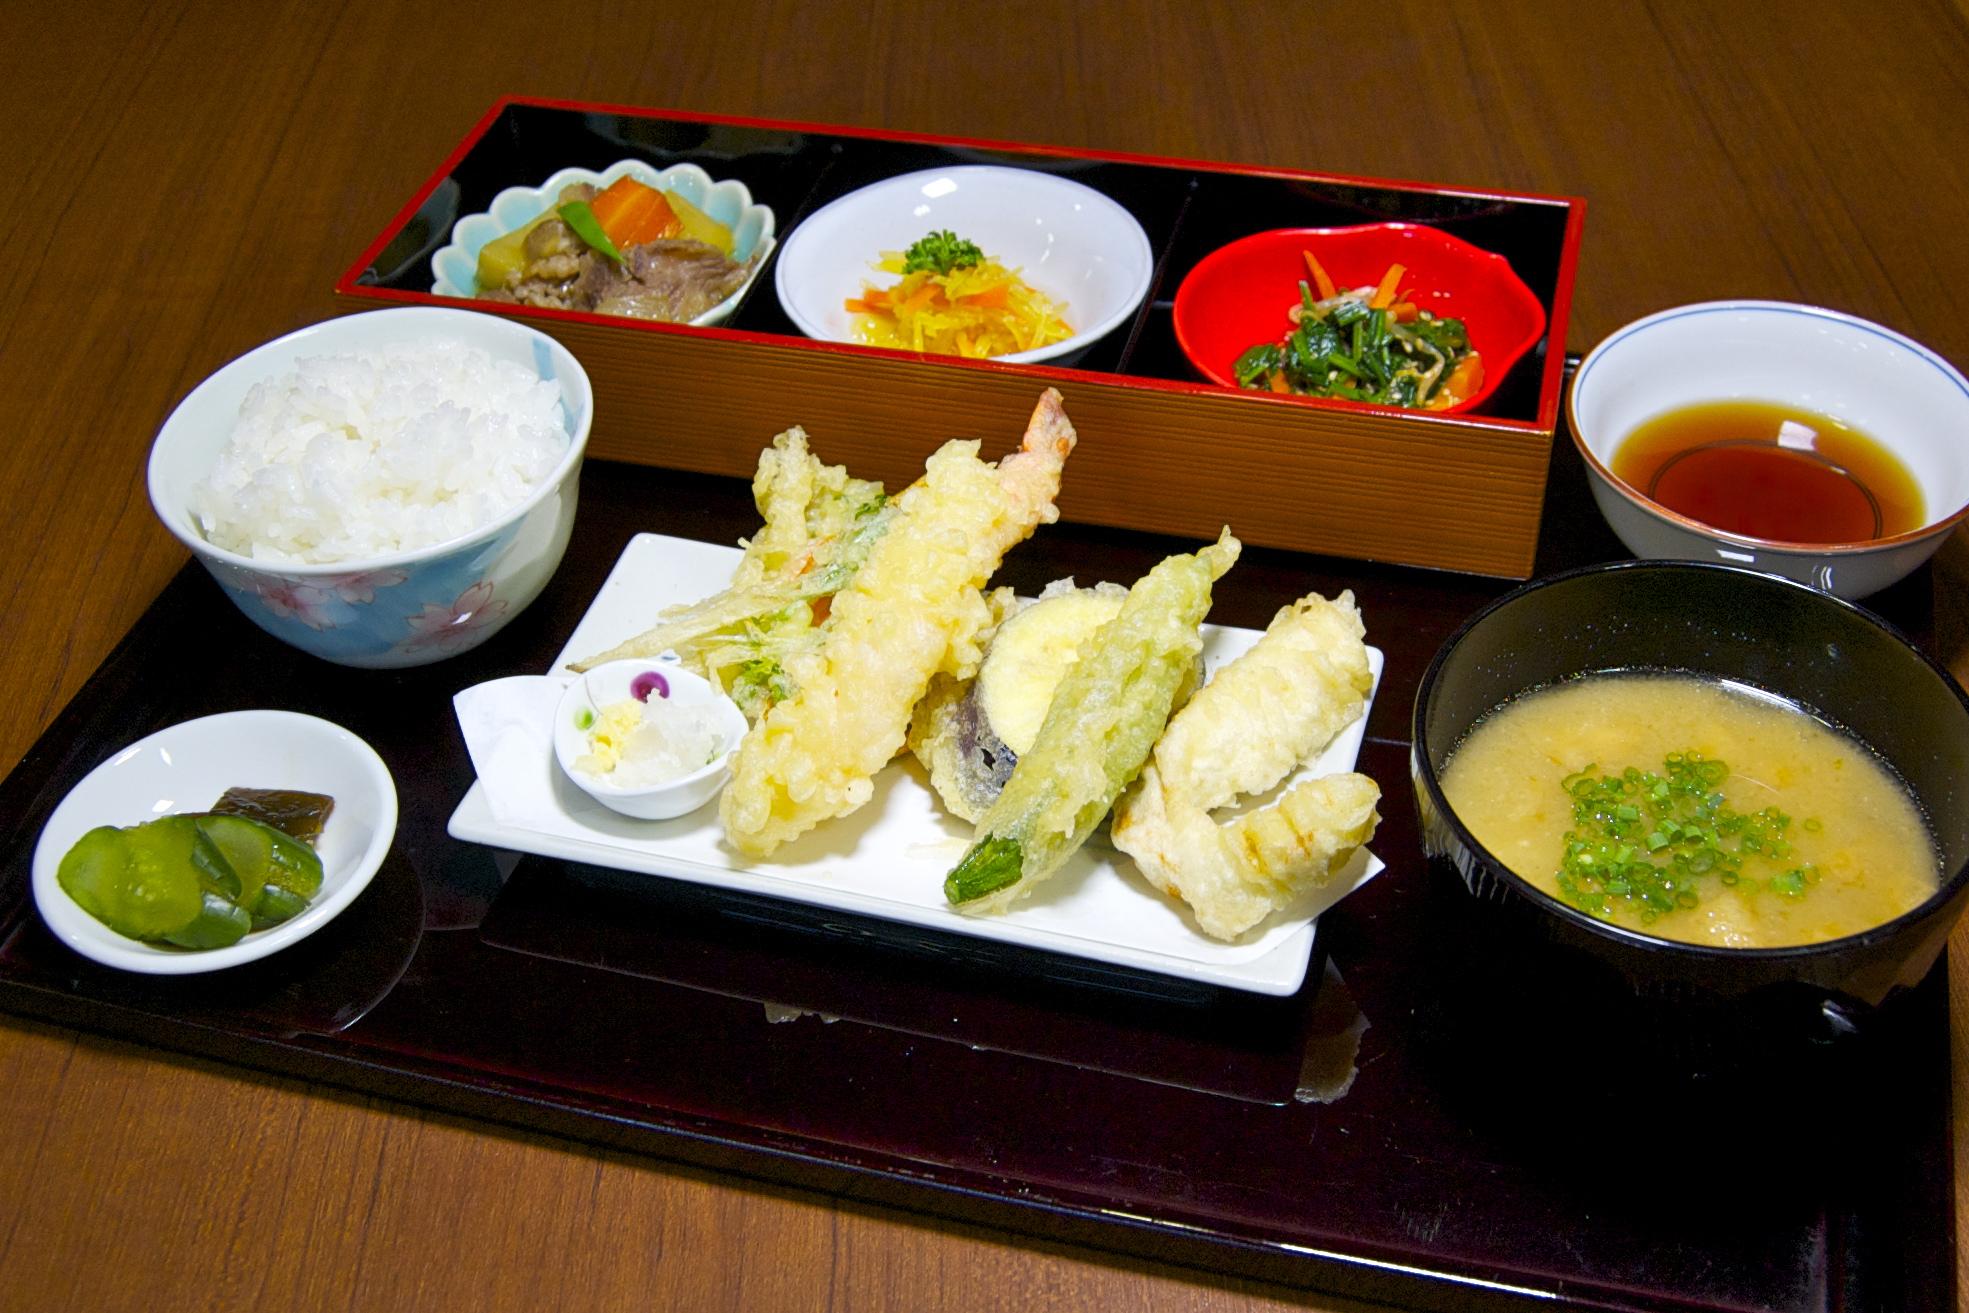 三瀬村産コシヒカリのお米を一番美味しく食べていただけるご膳をご準備しています。